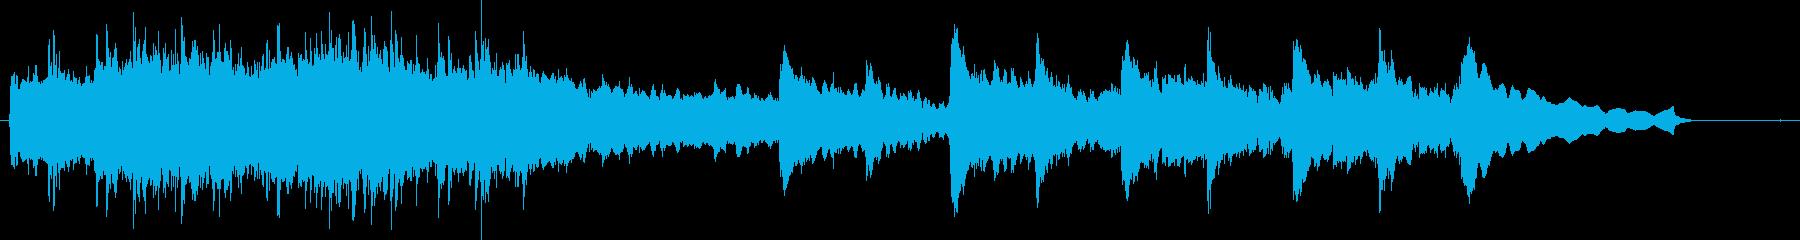 雰囲気のあるサウンドスケープは、シ...の再生済みの波形